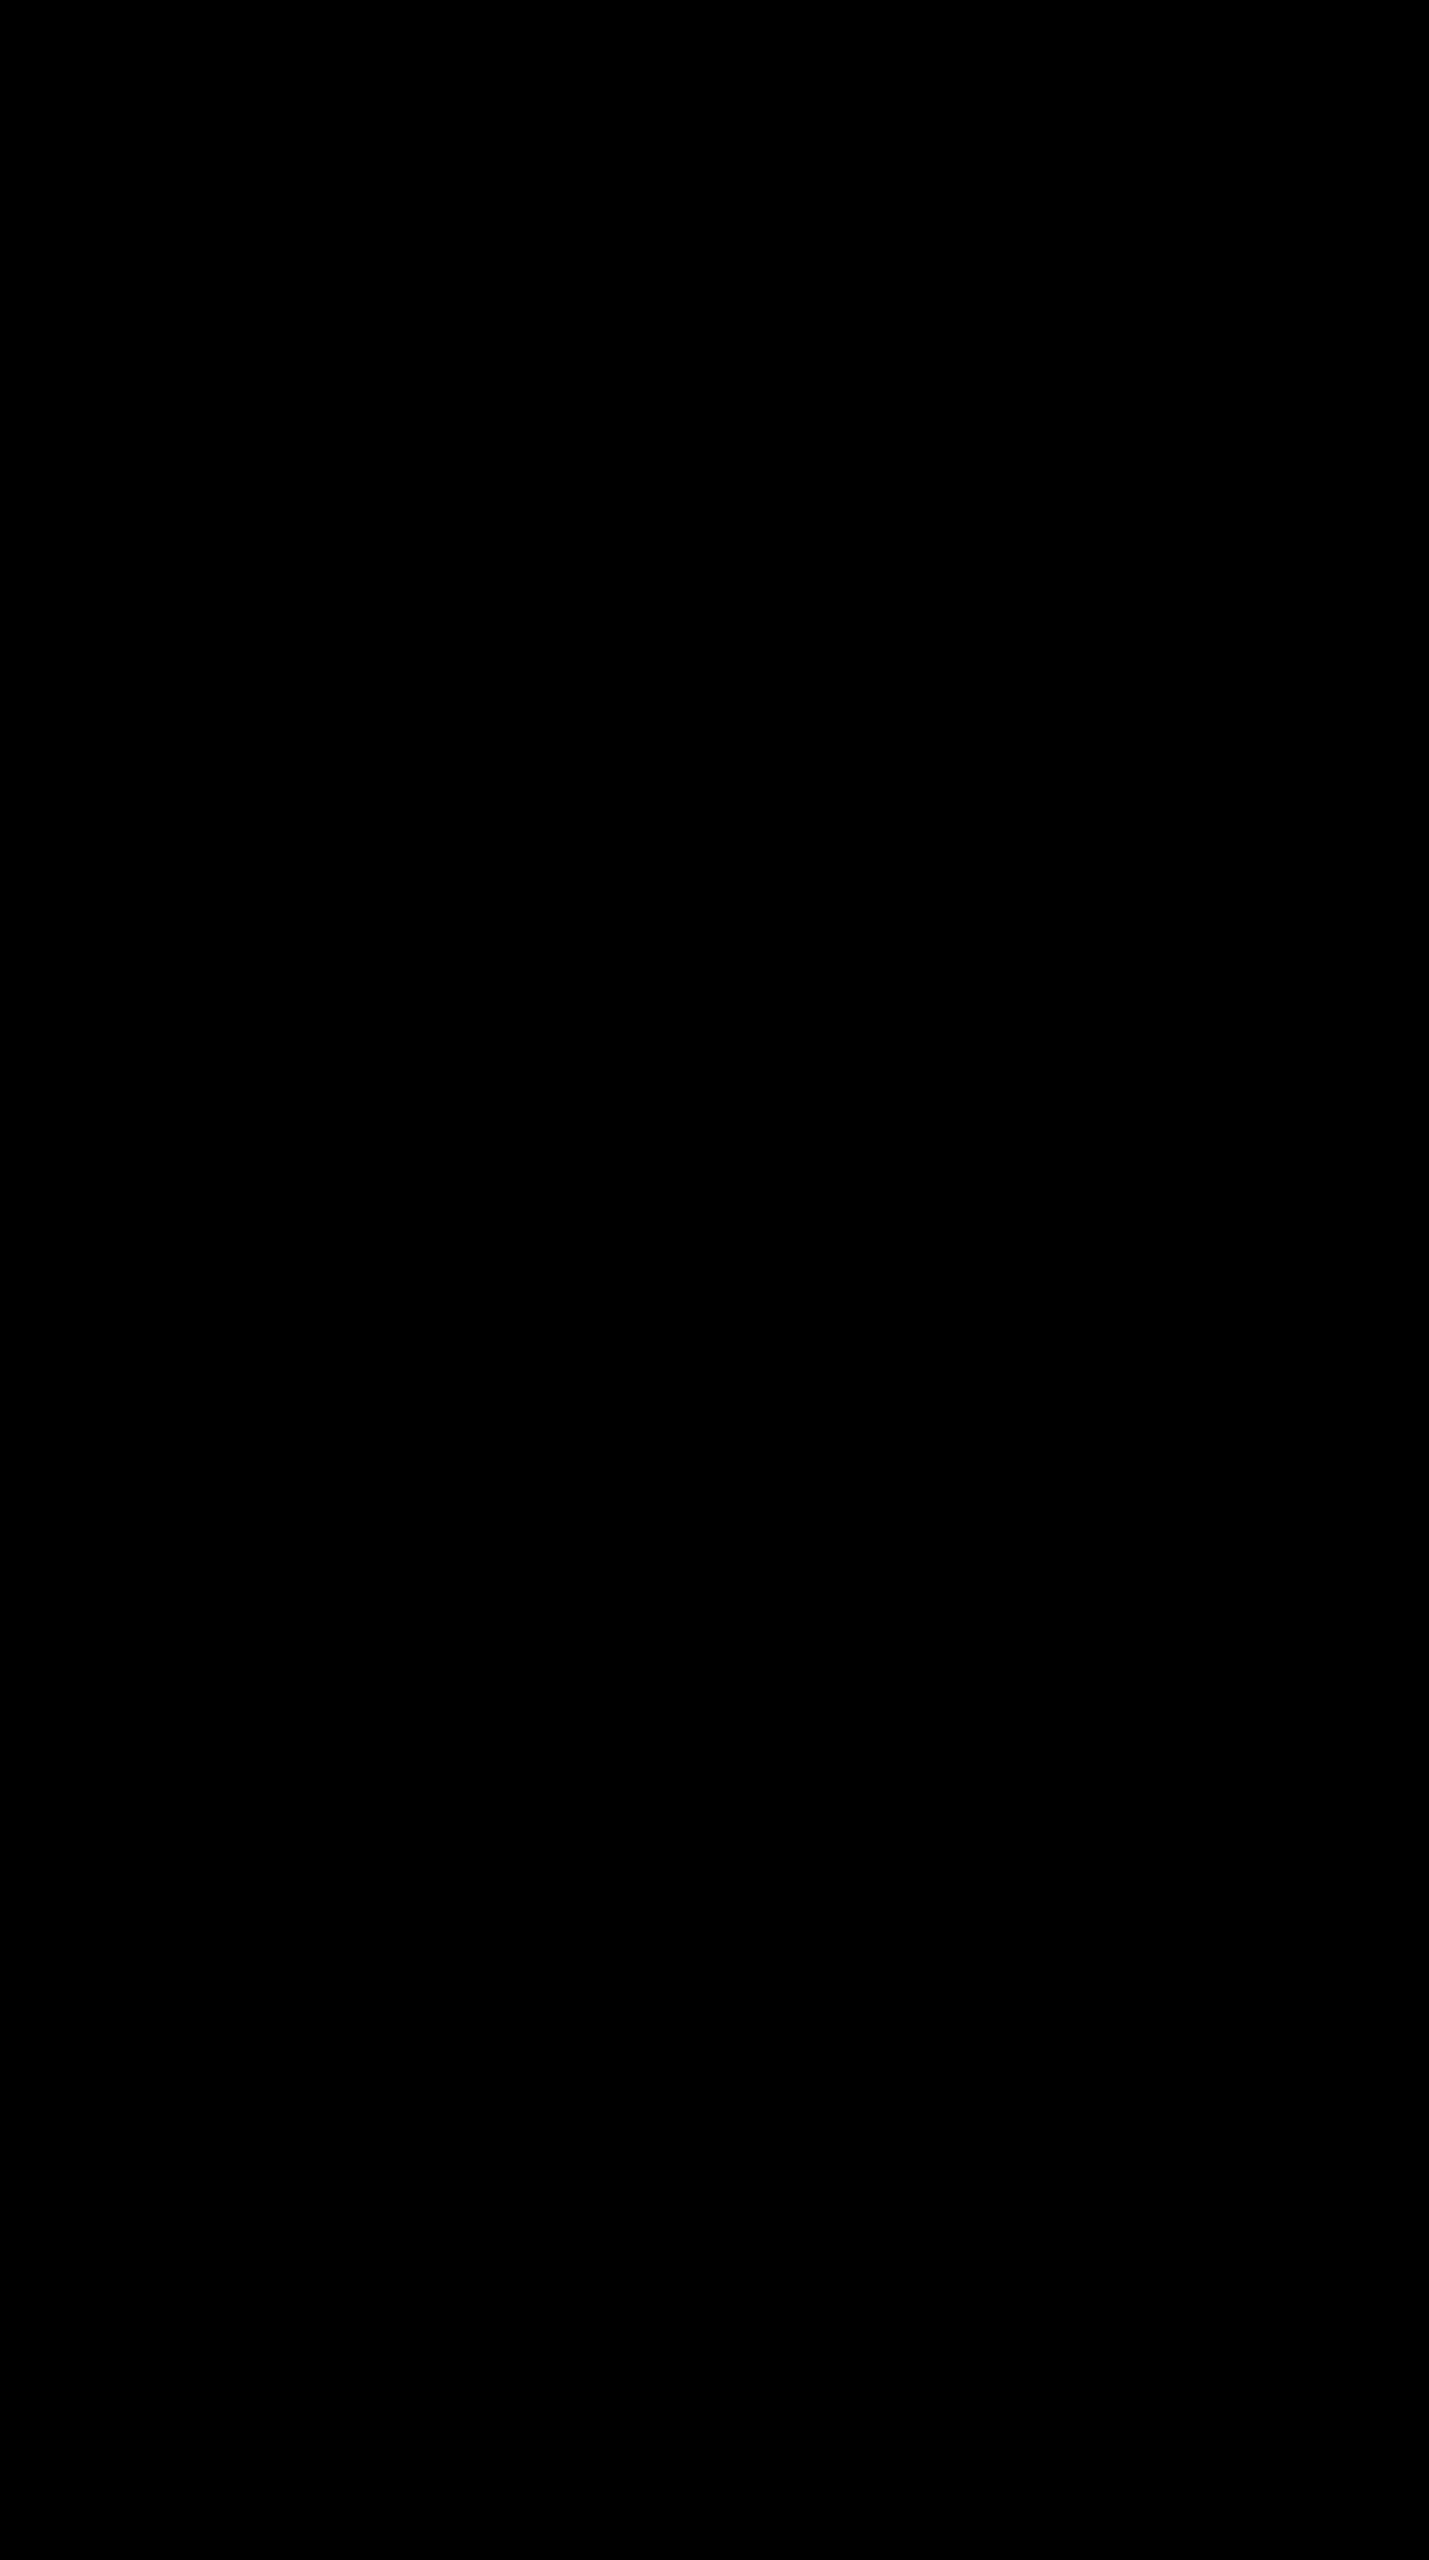 Marmorierter Kommodenschrank von 1870